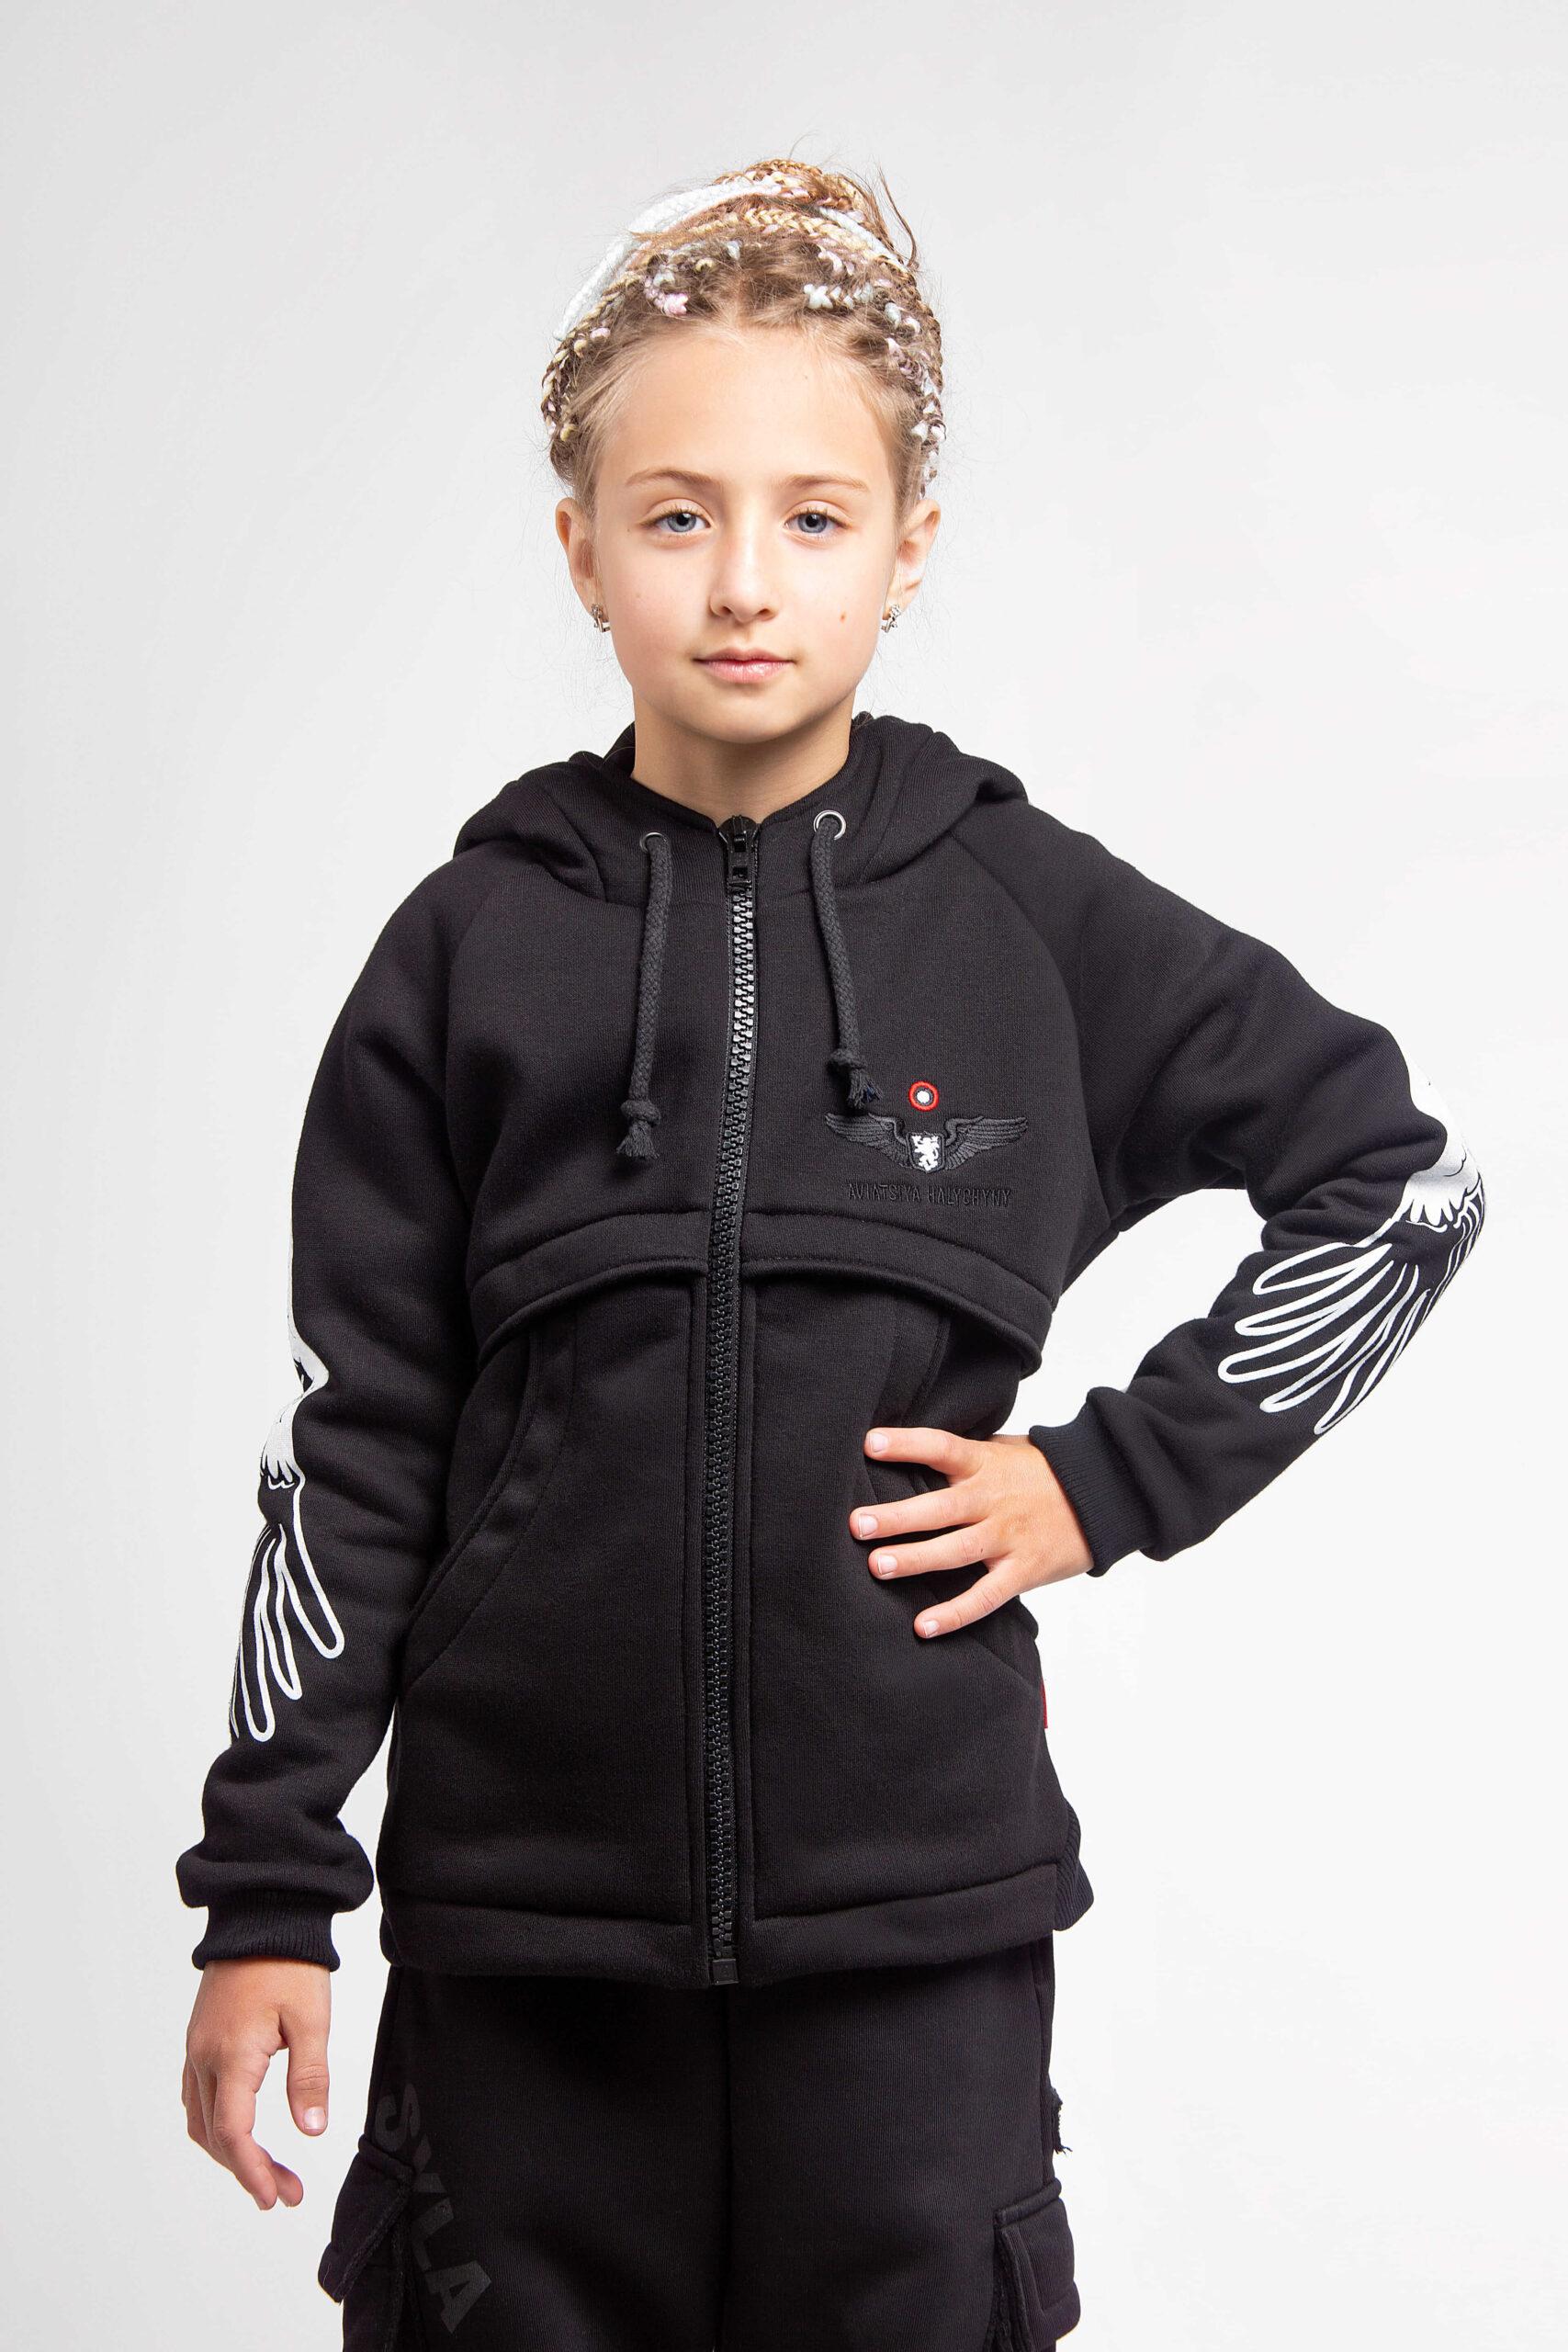 Дитяче Худі Бузько. Колір чорний. Худі: унісекс, добре пасує і хлопчикам, і дівчаткам Матеріал худі – тринитка: 77% бавовна, 23% поліефір.